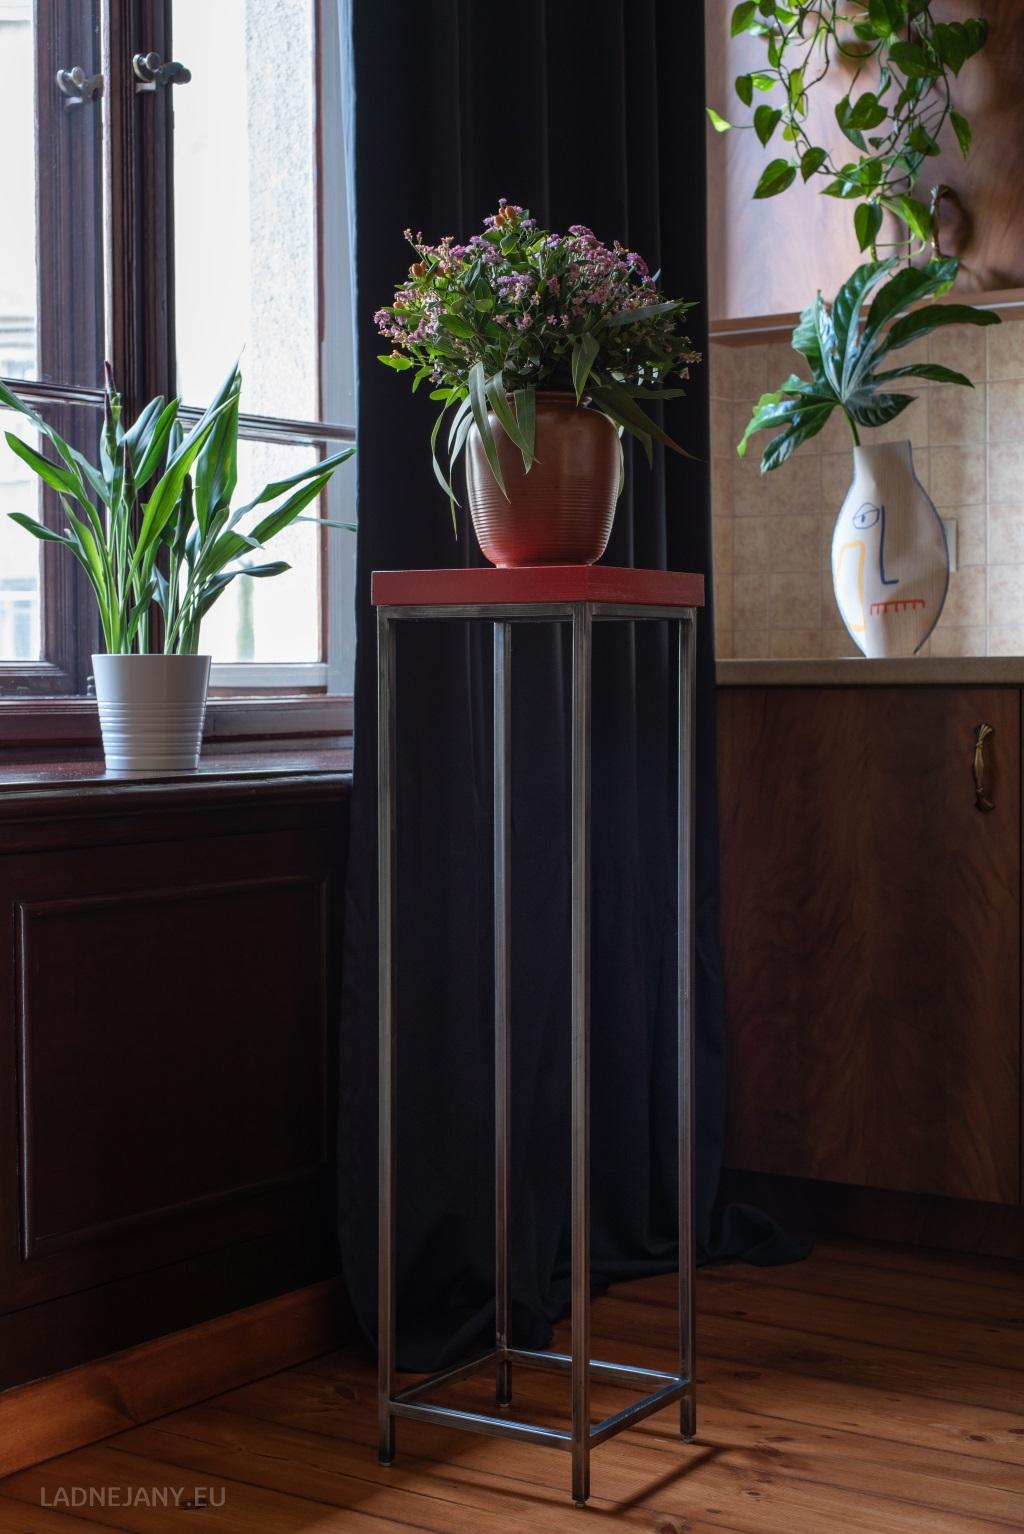 Cienki Janek – Czerwony stojak na kwiaty